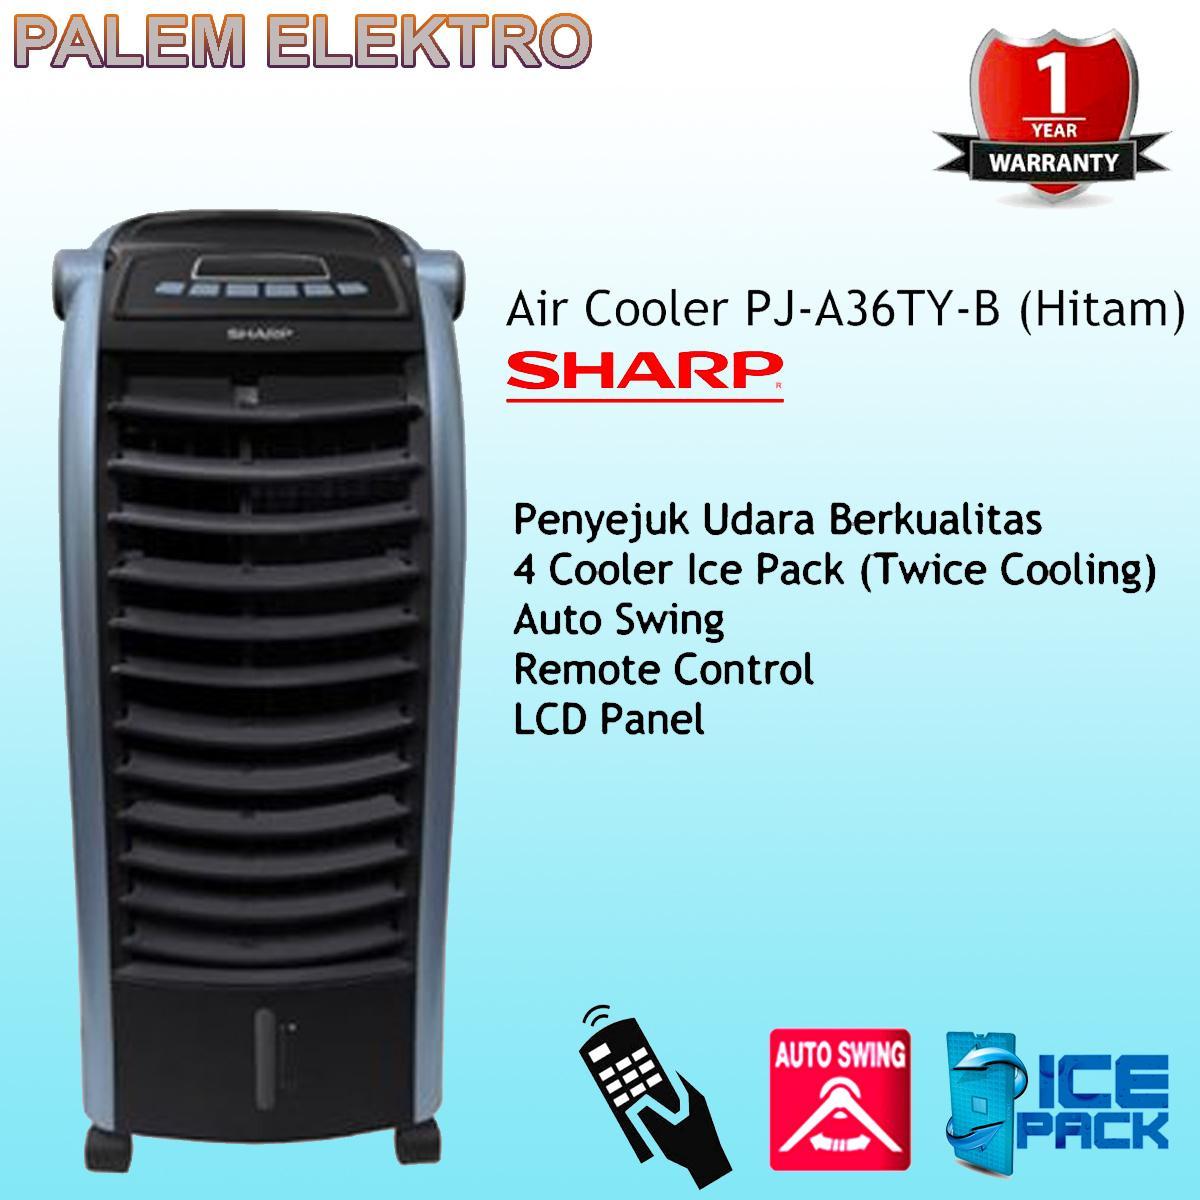 SHARP Sharp Air Cooler PJ-A36TY HITAM ( JADEBEK ONLY )